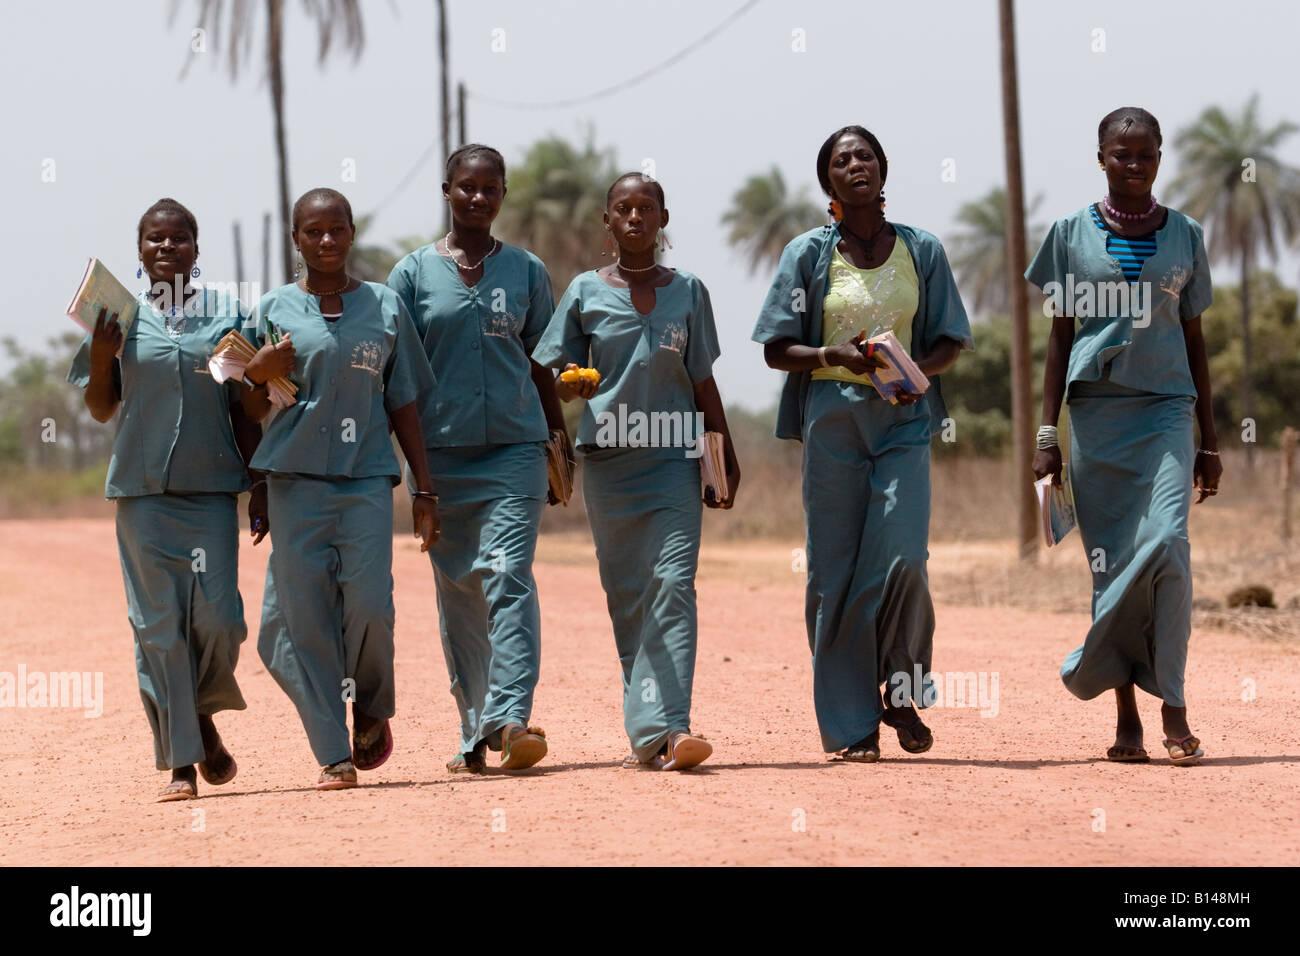 Un grupo de estudiantes en uniformes escolares caminar de regreso a la escuela cerca de la aldea de Kabiline Senegal Imagen De Stock